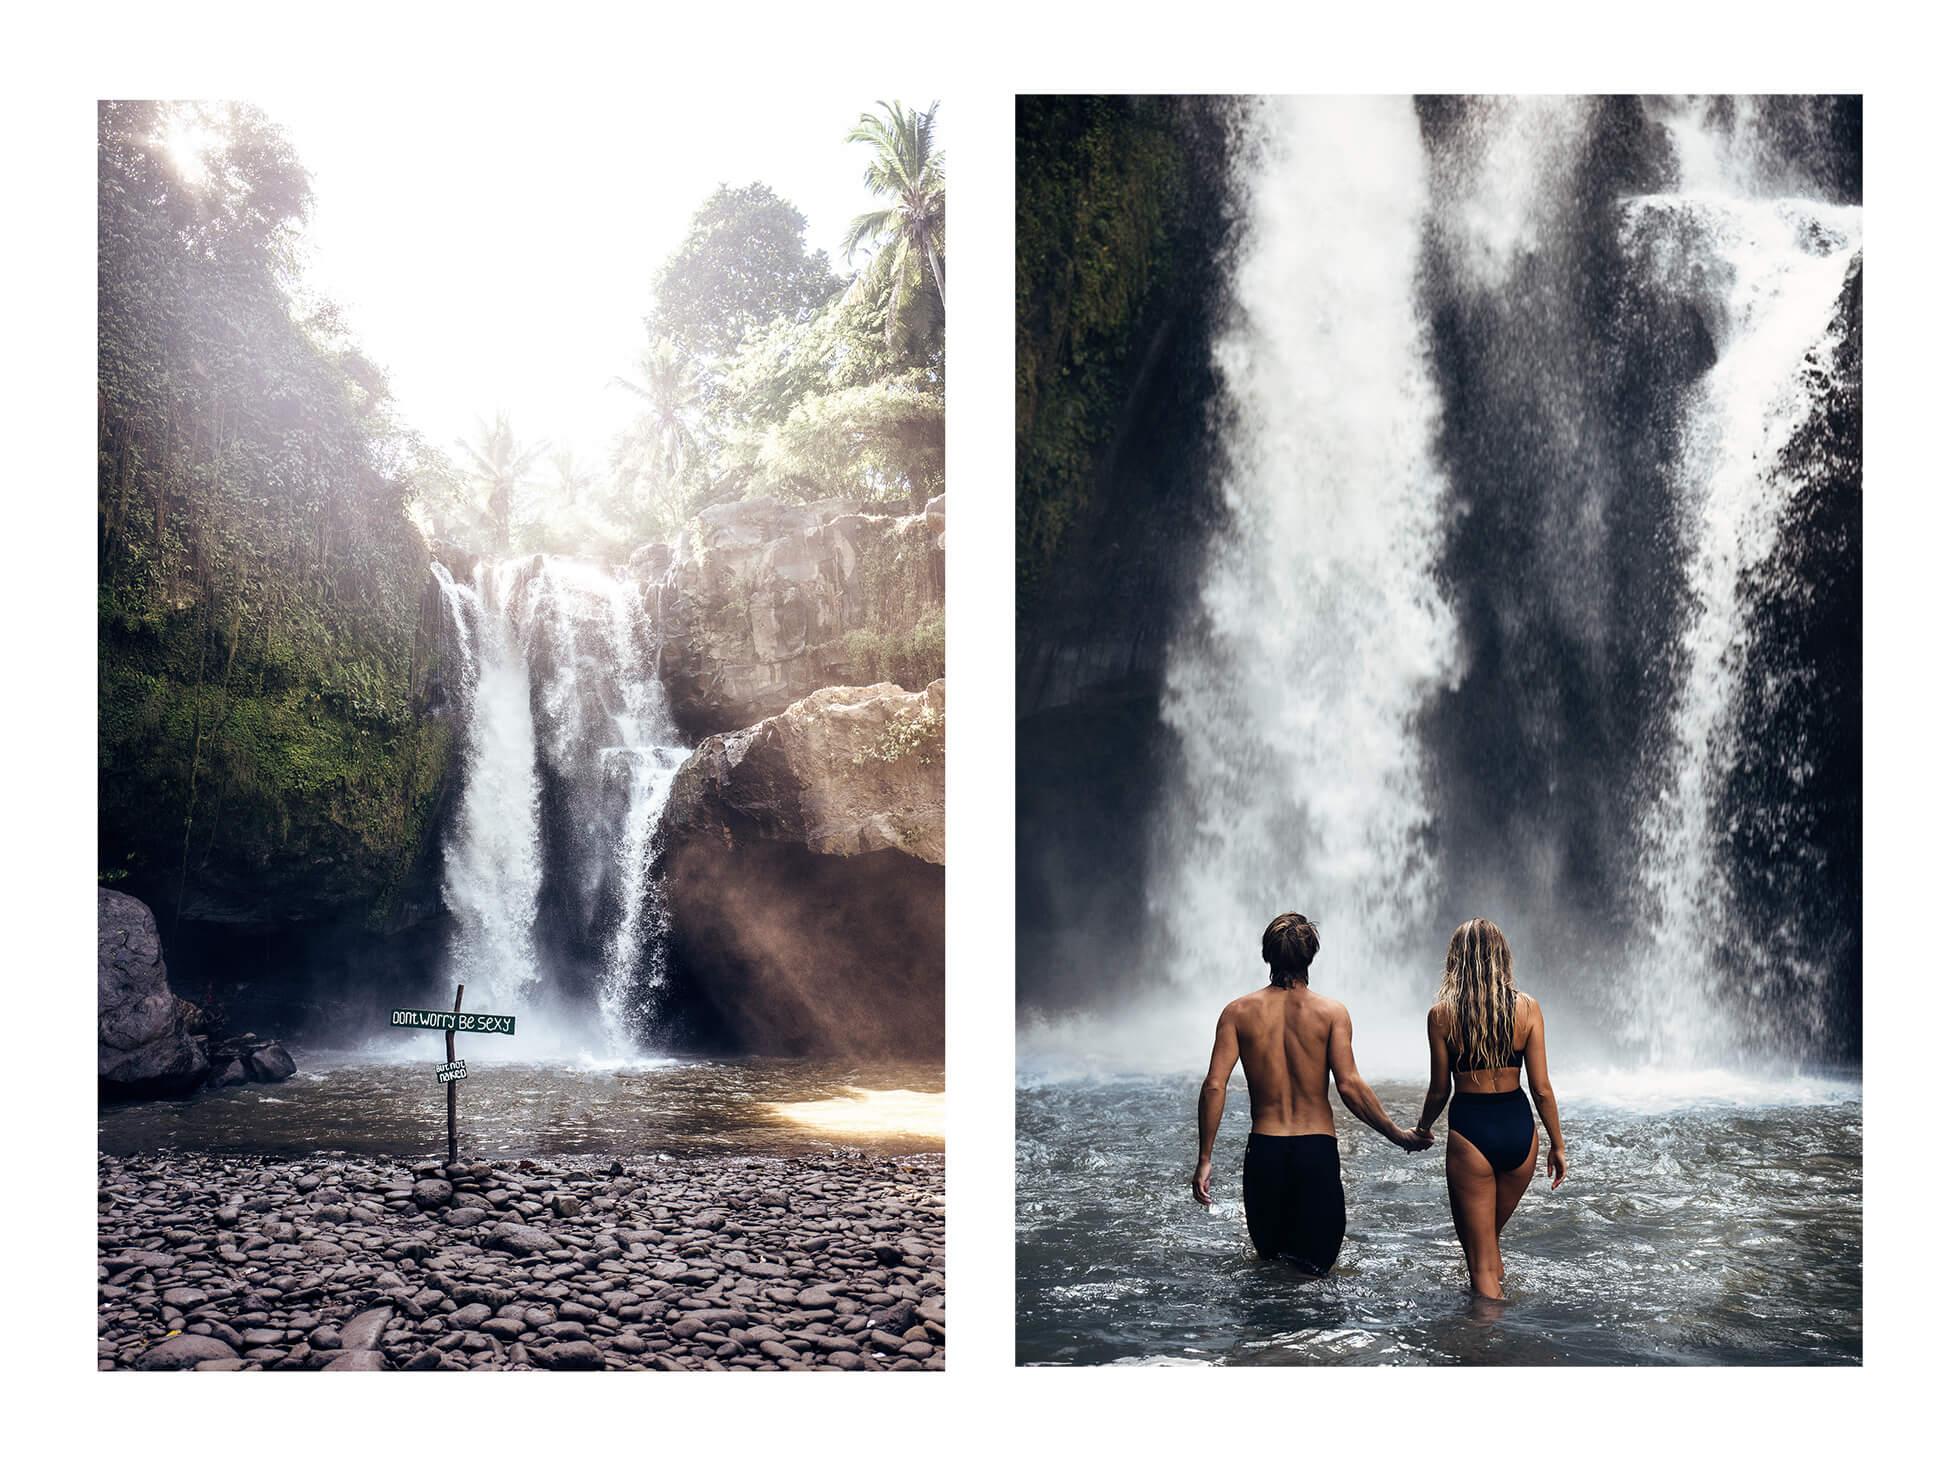 janni-deler-waterfall-bali-TegenunganL1030744-Redigera copy